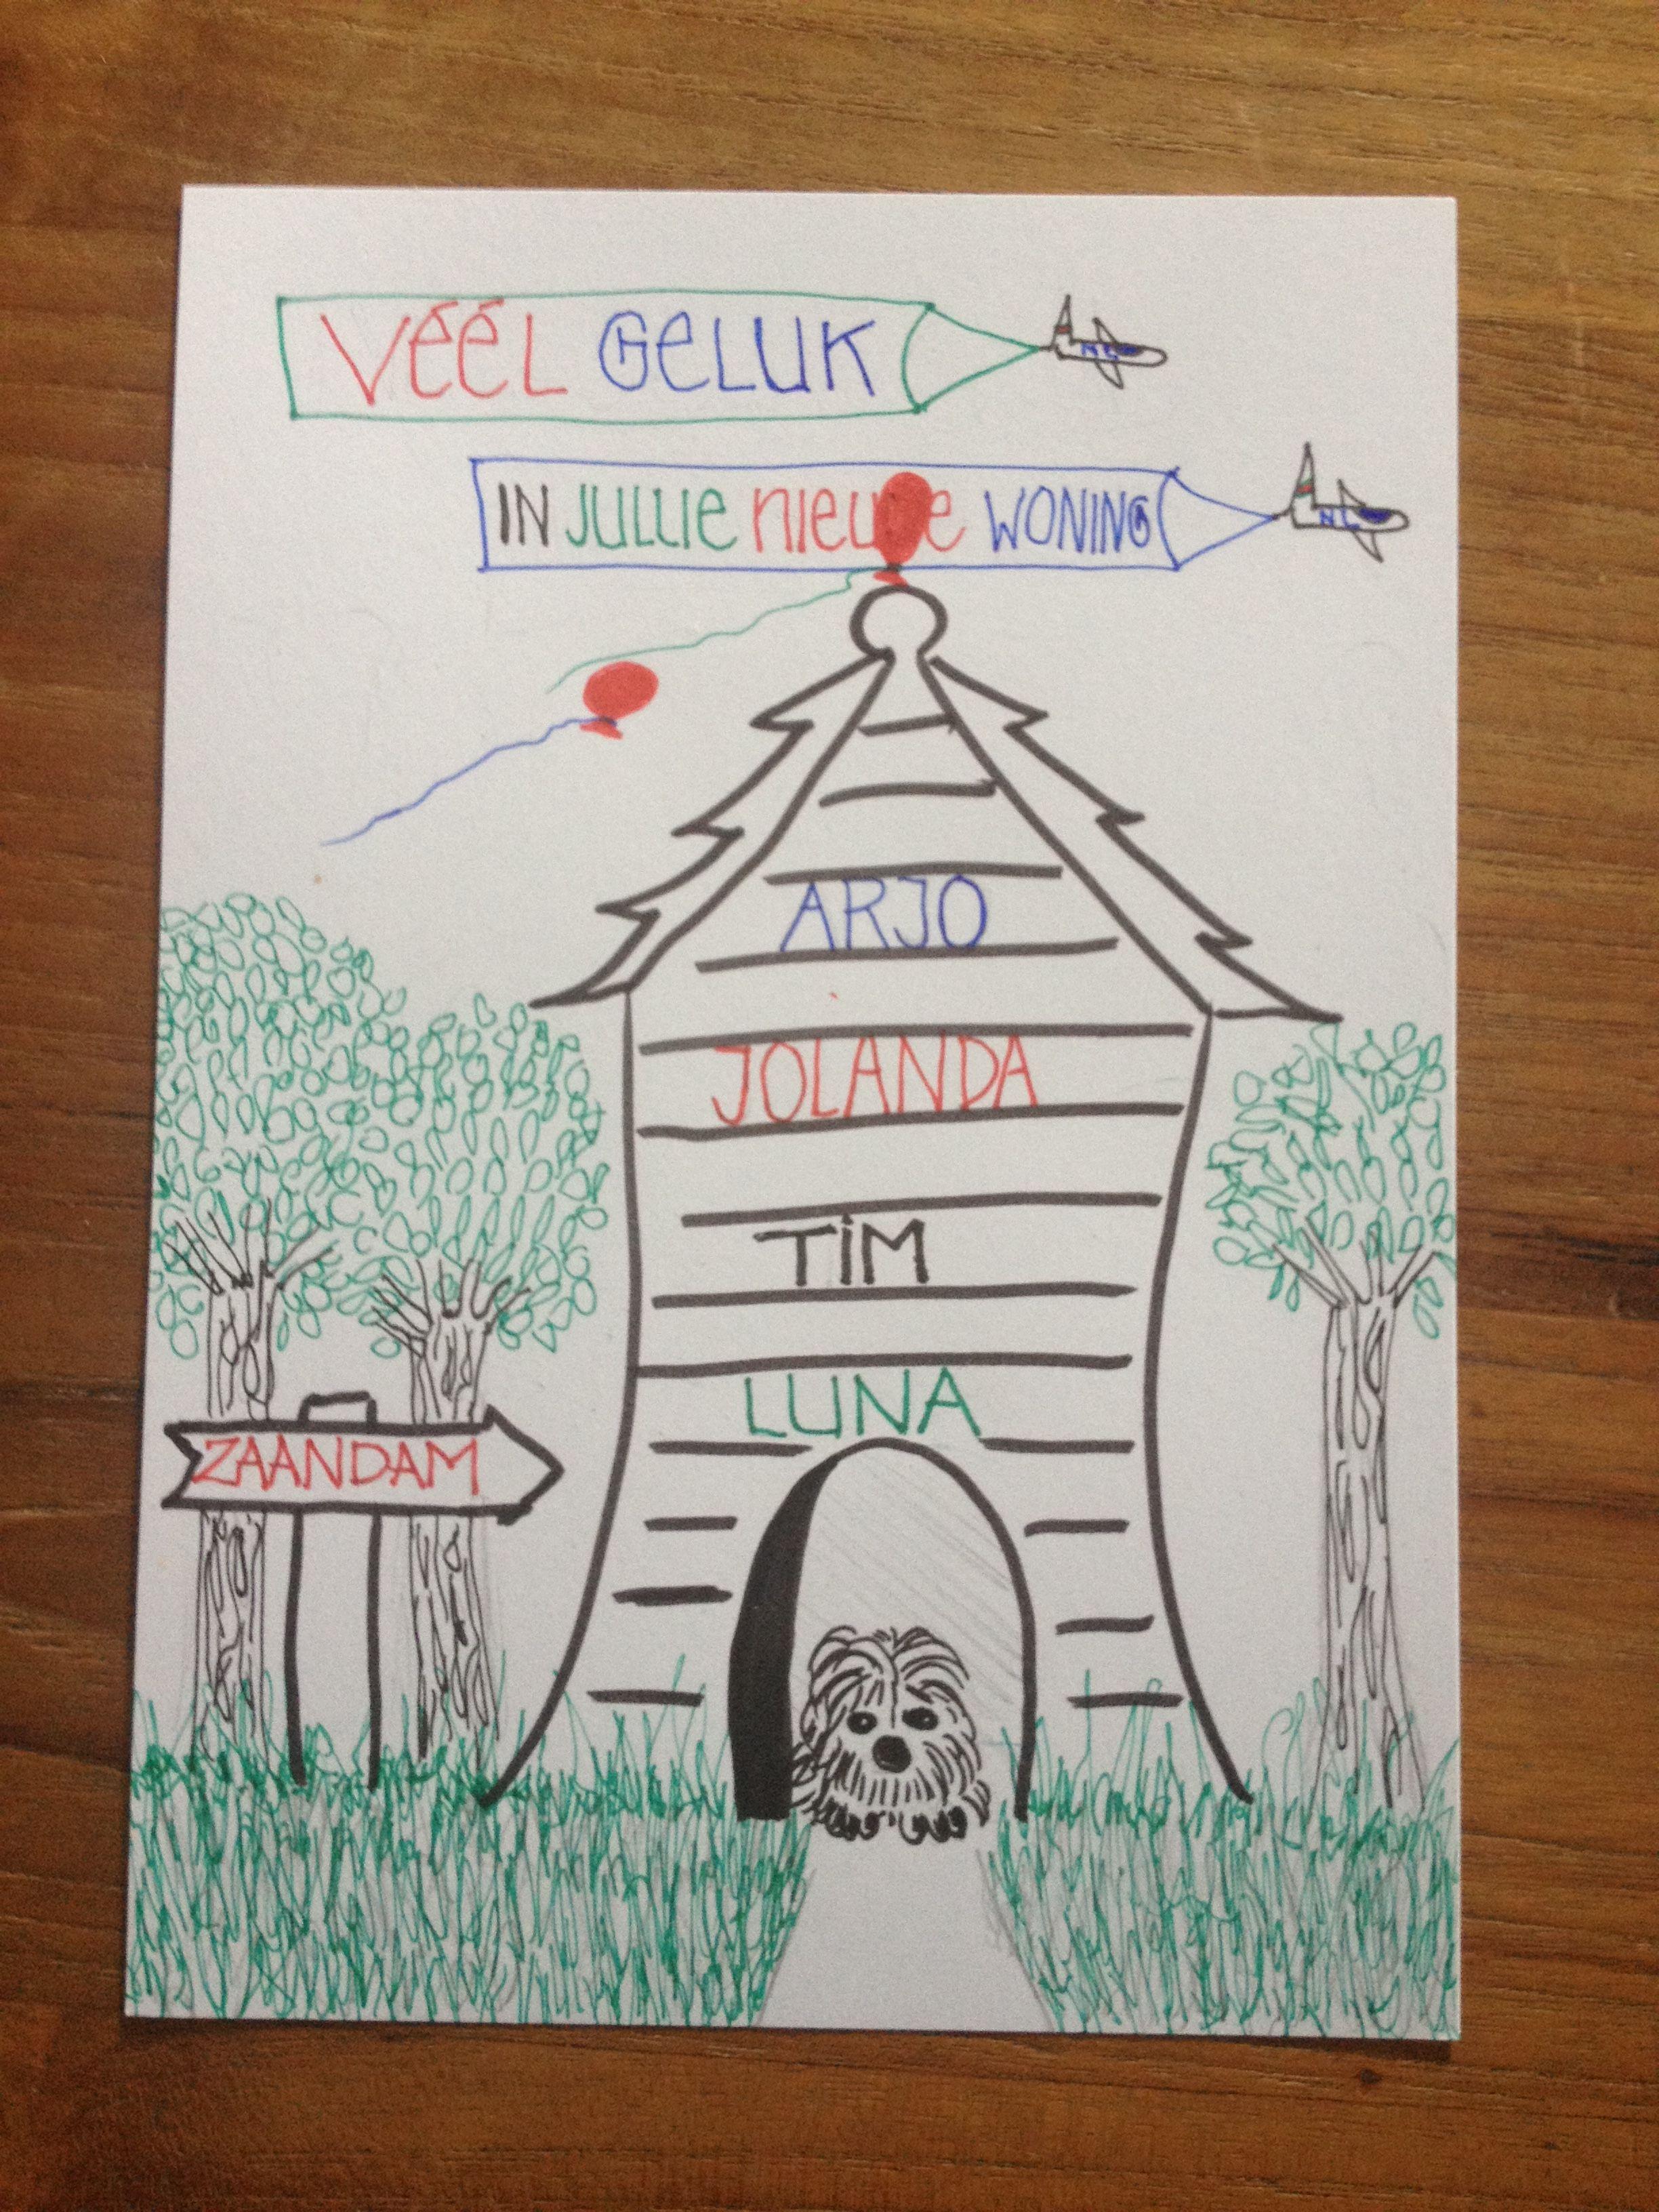 #diy #verhuiskaart #zaandam #family #drawing #handlettering #tekenen #workshops #kalligrafie #typegrafie info en inschrijven via www.restyleyourhouse.com